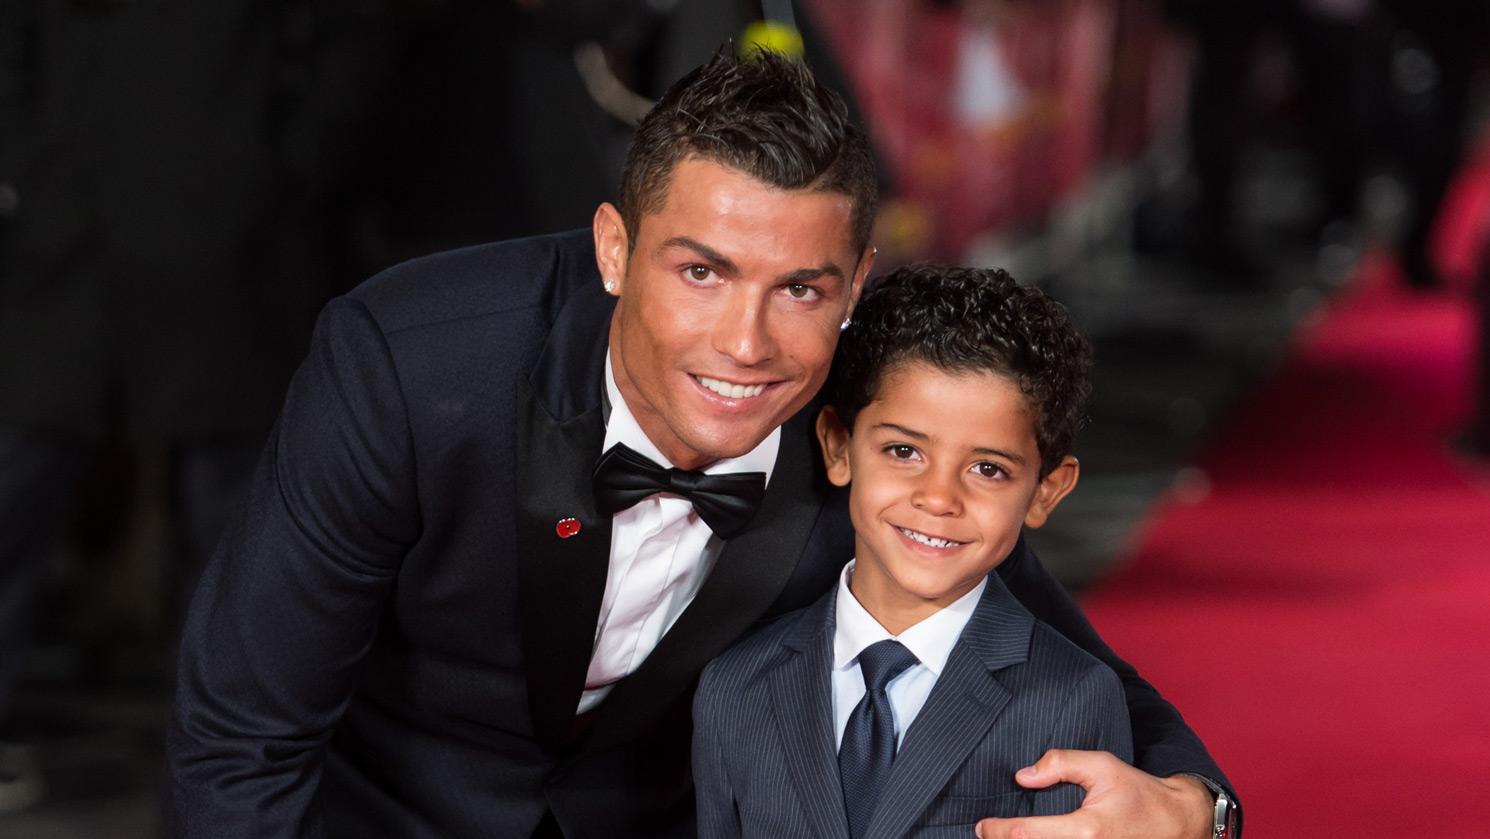 بالفيديو : ابن كريستيانو رونالدو يسدد على طريقة أبيه   AR Le360 Sport بالعربية